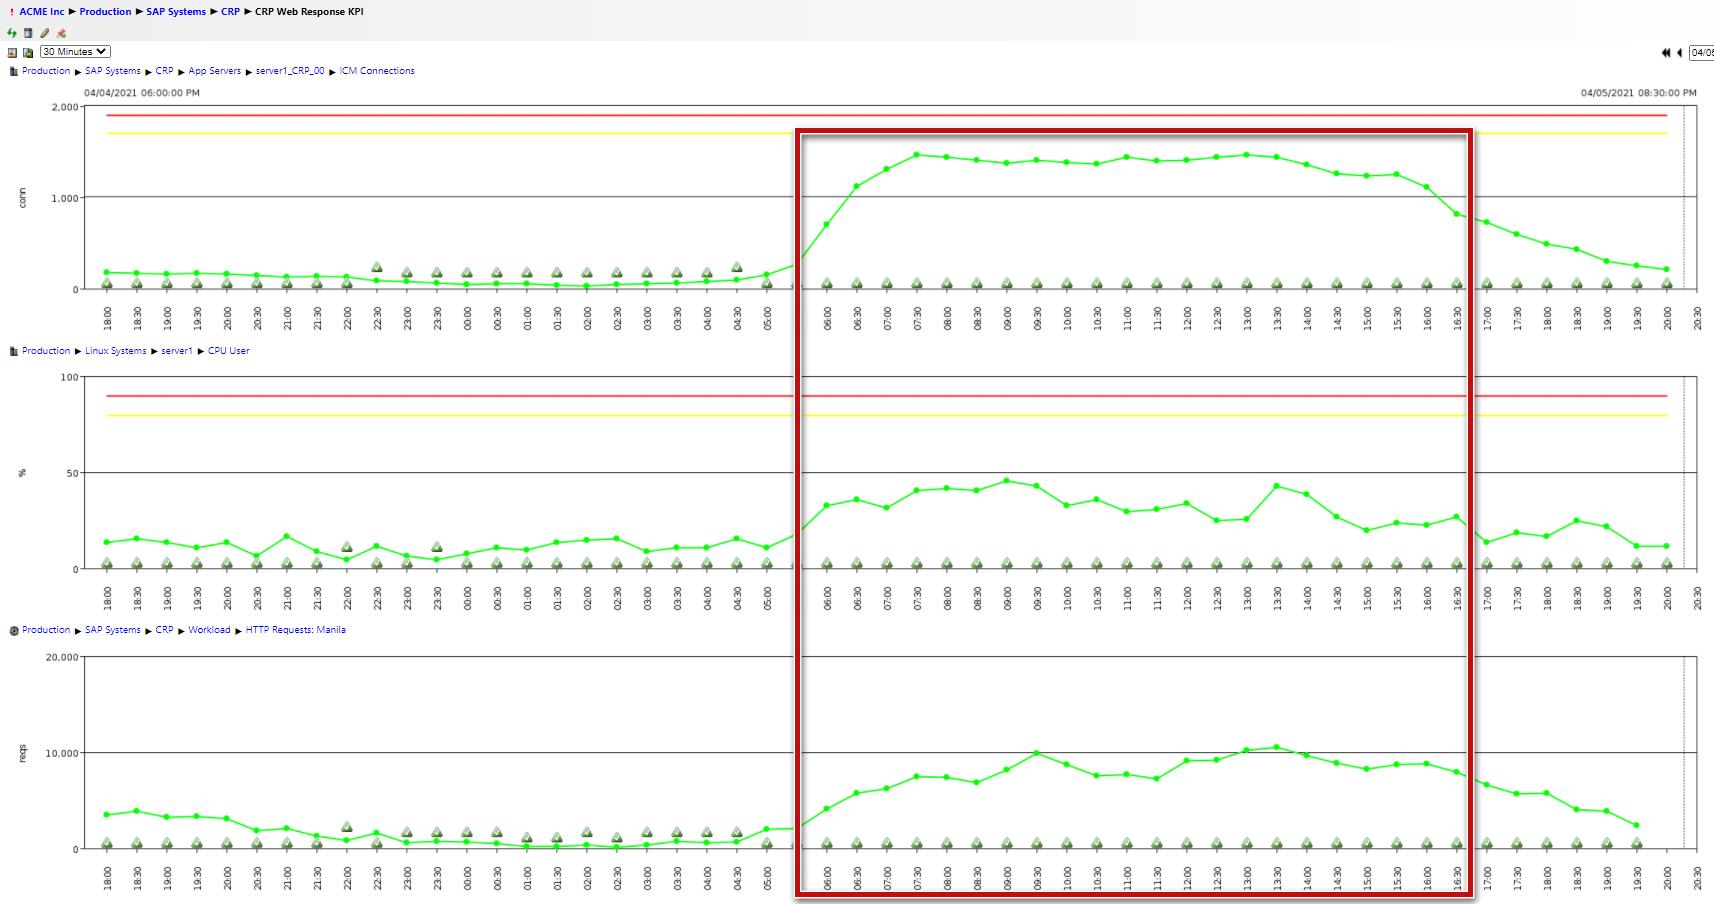 CRP Web Response KPI